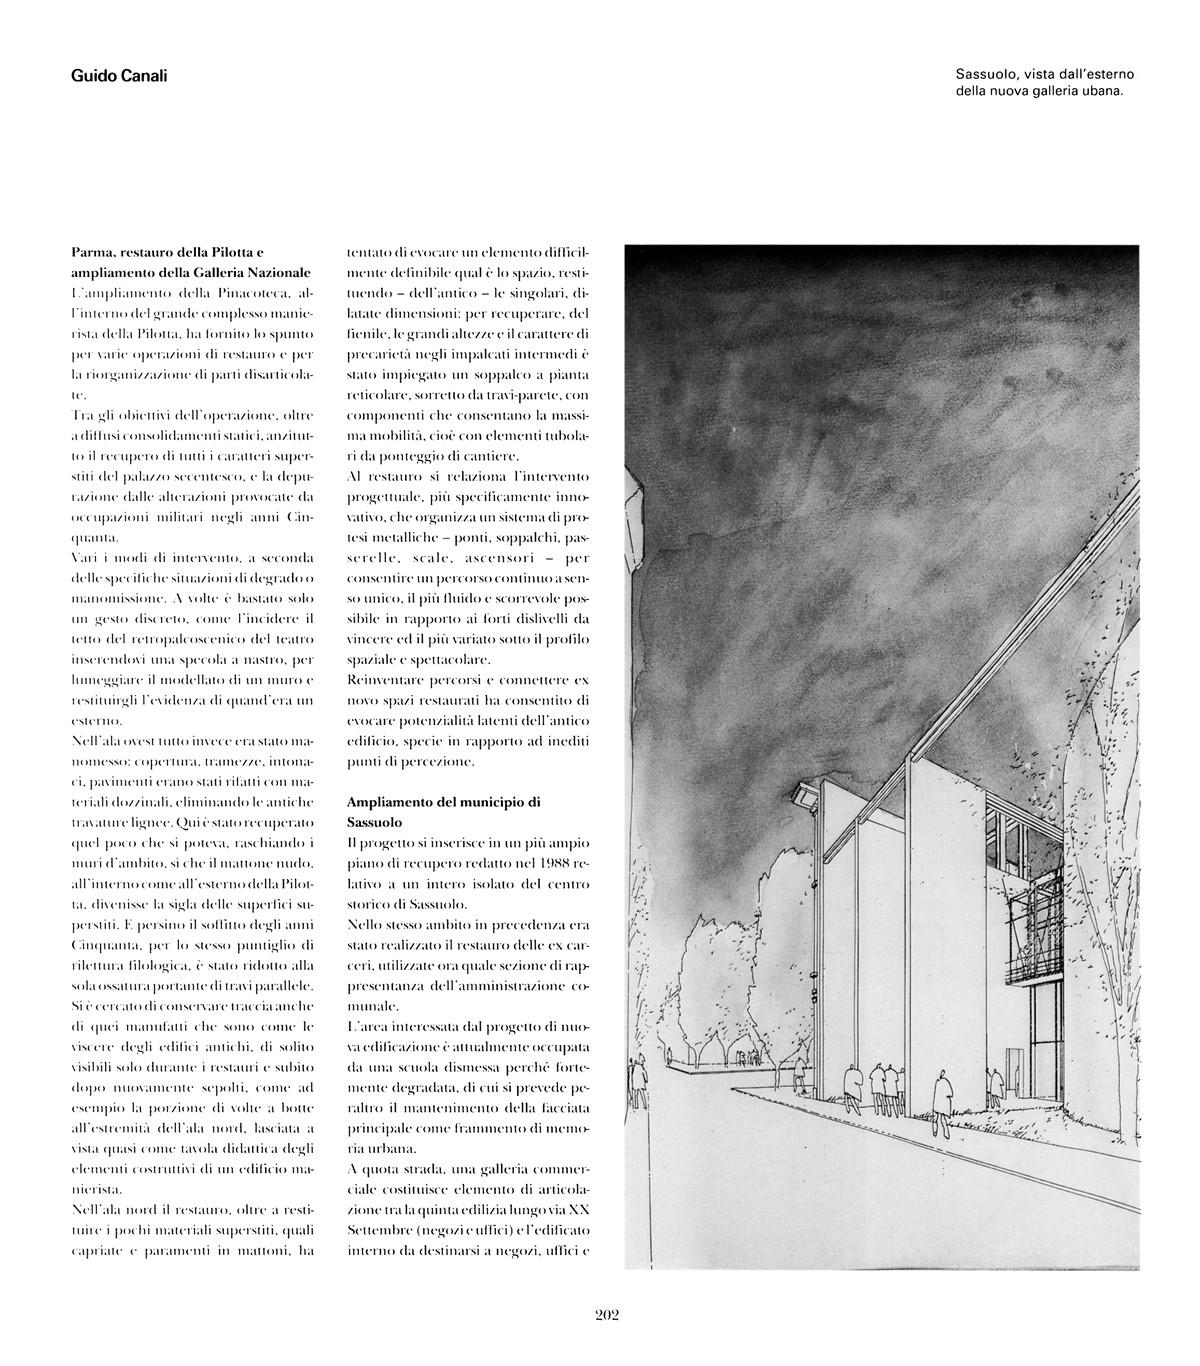 catalogo della biennale di venezia quinta mostra